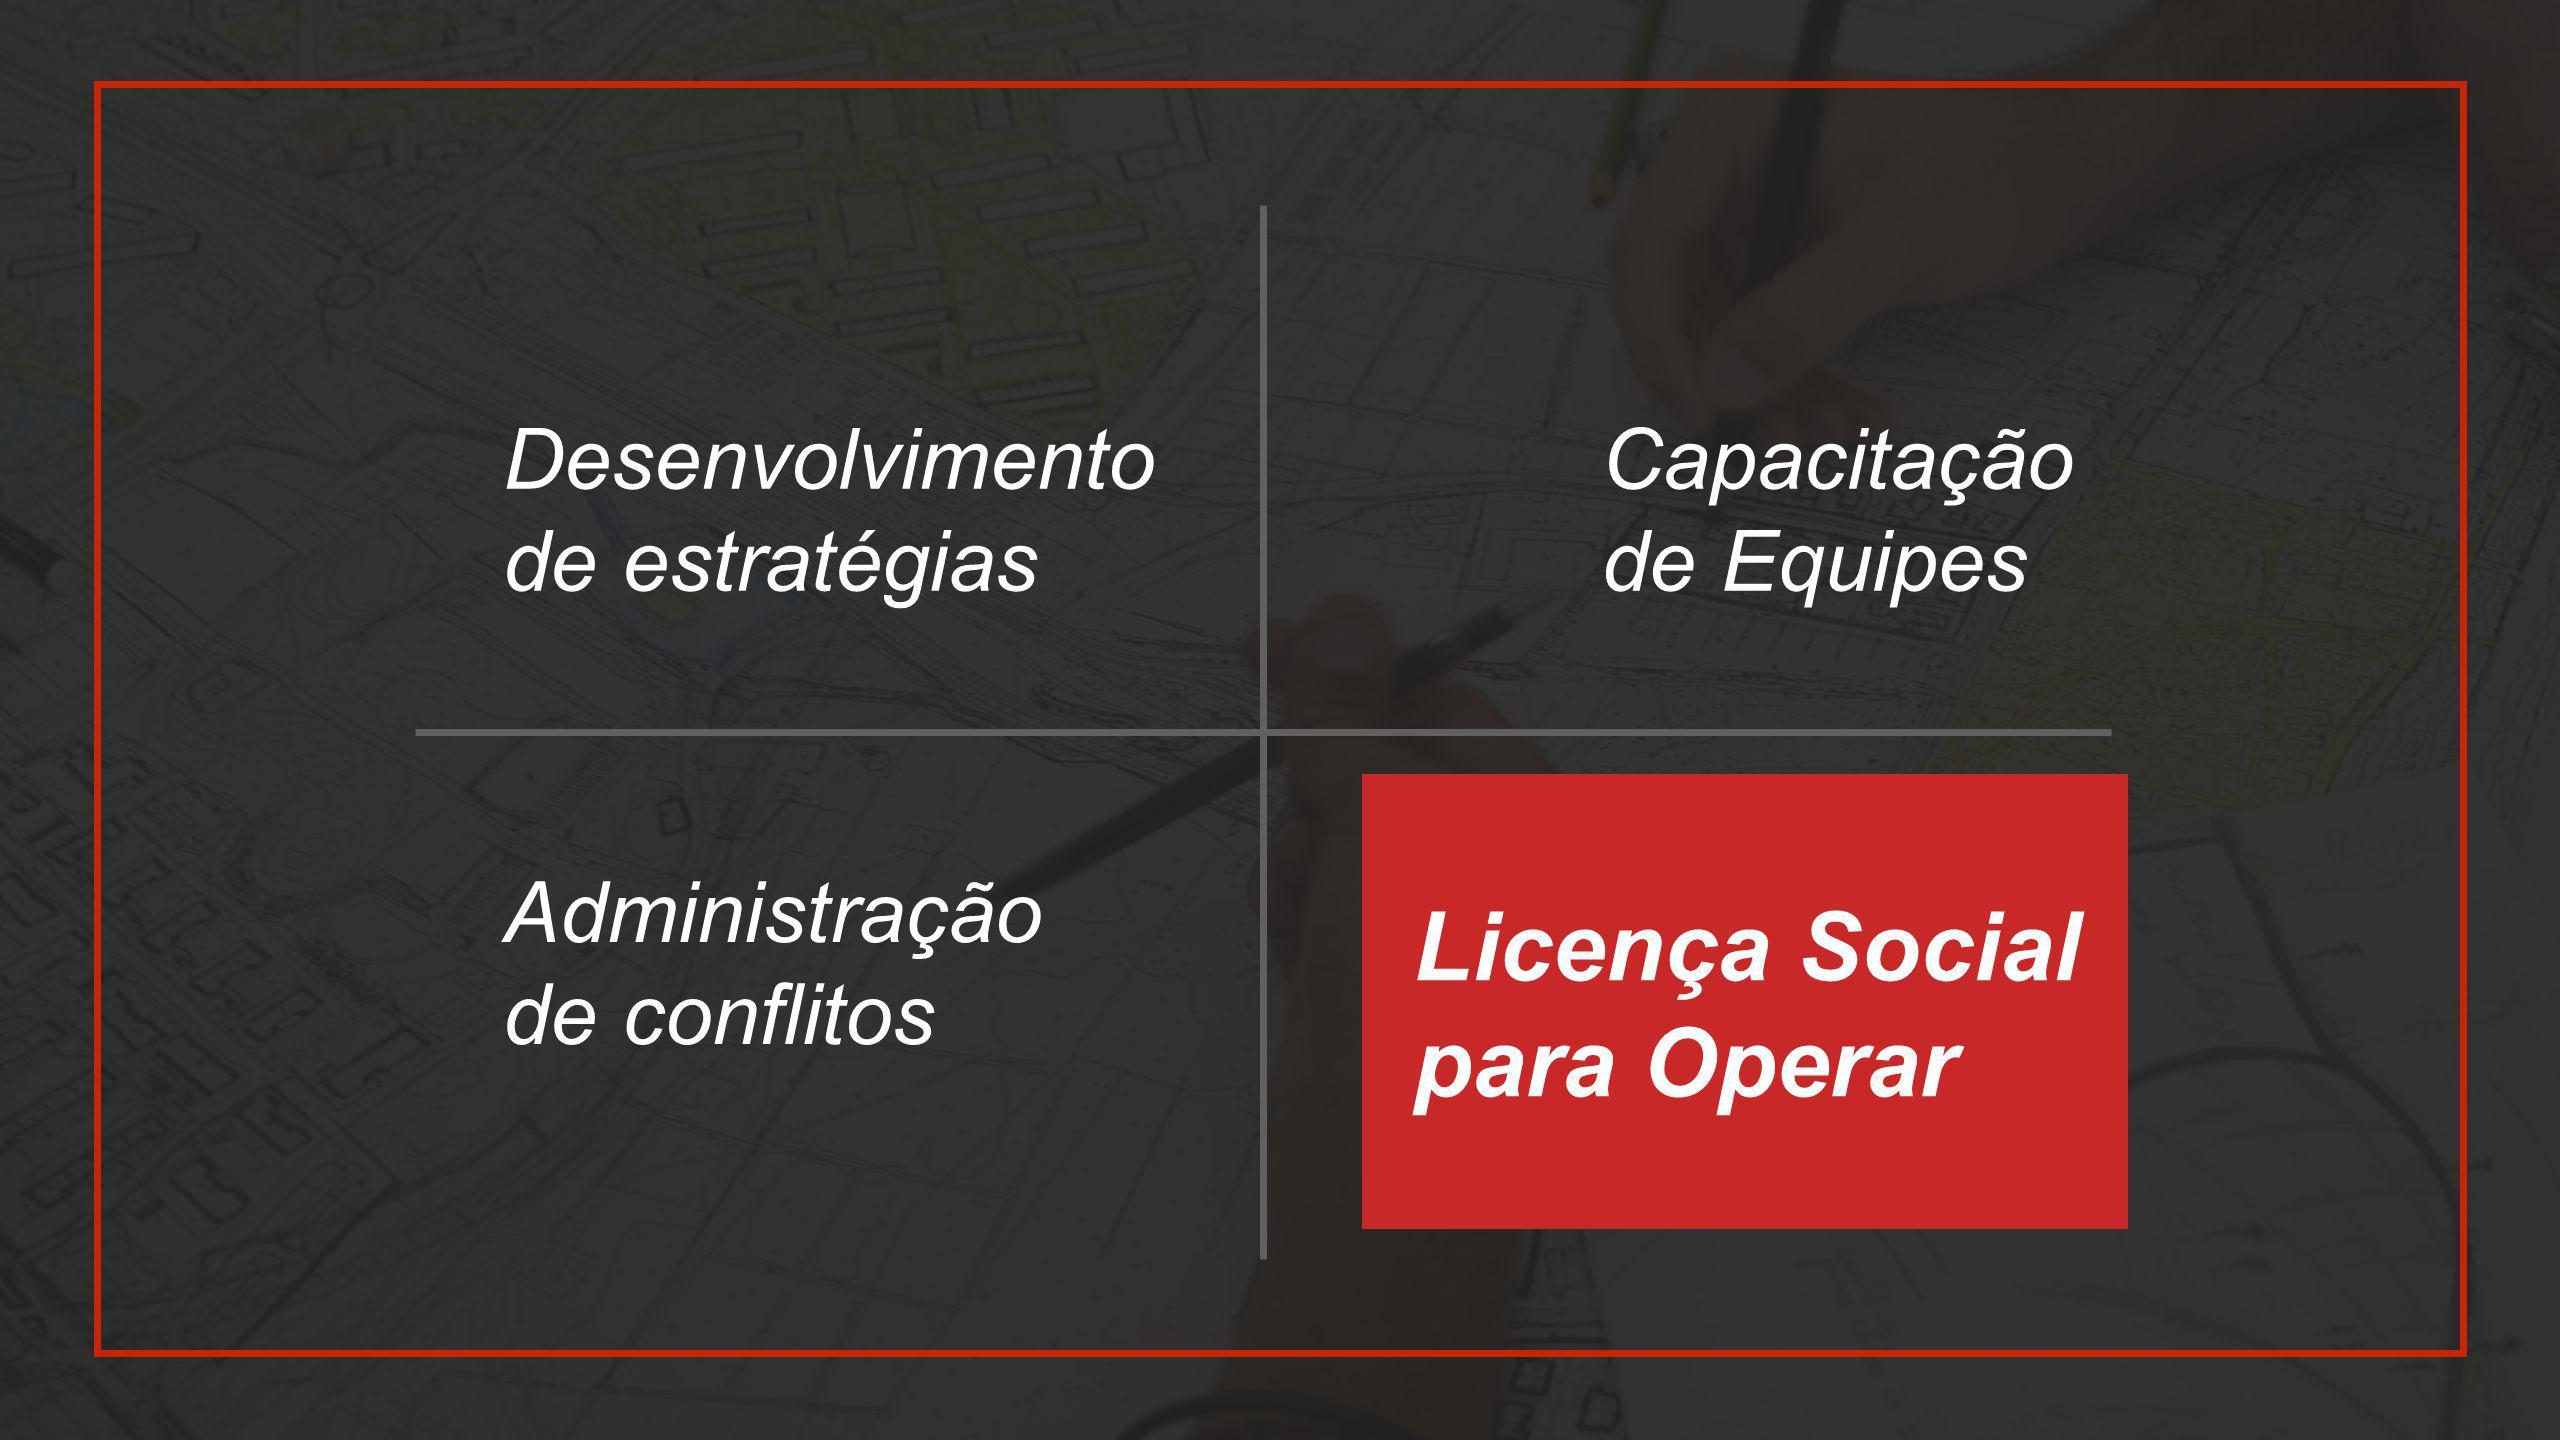 Desenvolvimento de estratégias Administração de conflitos Capacitação de Equipes Licença Social para Operar